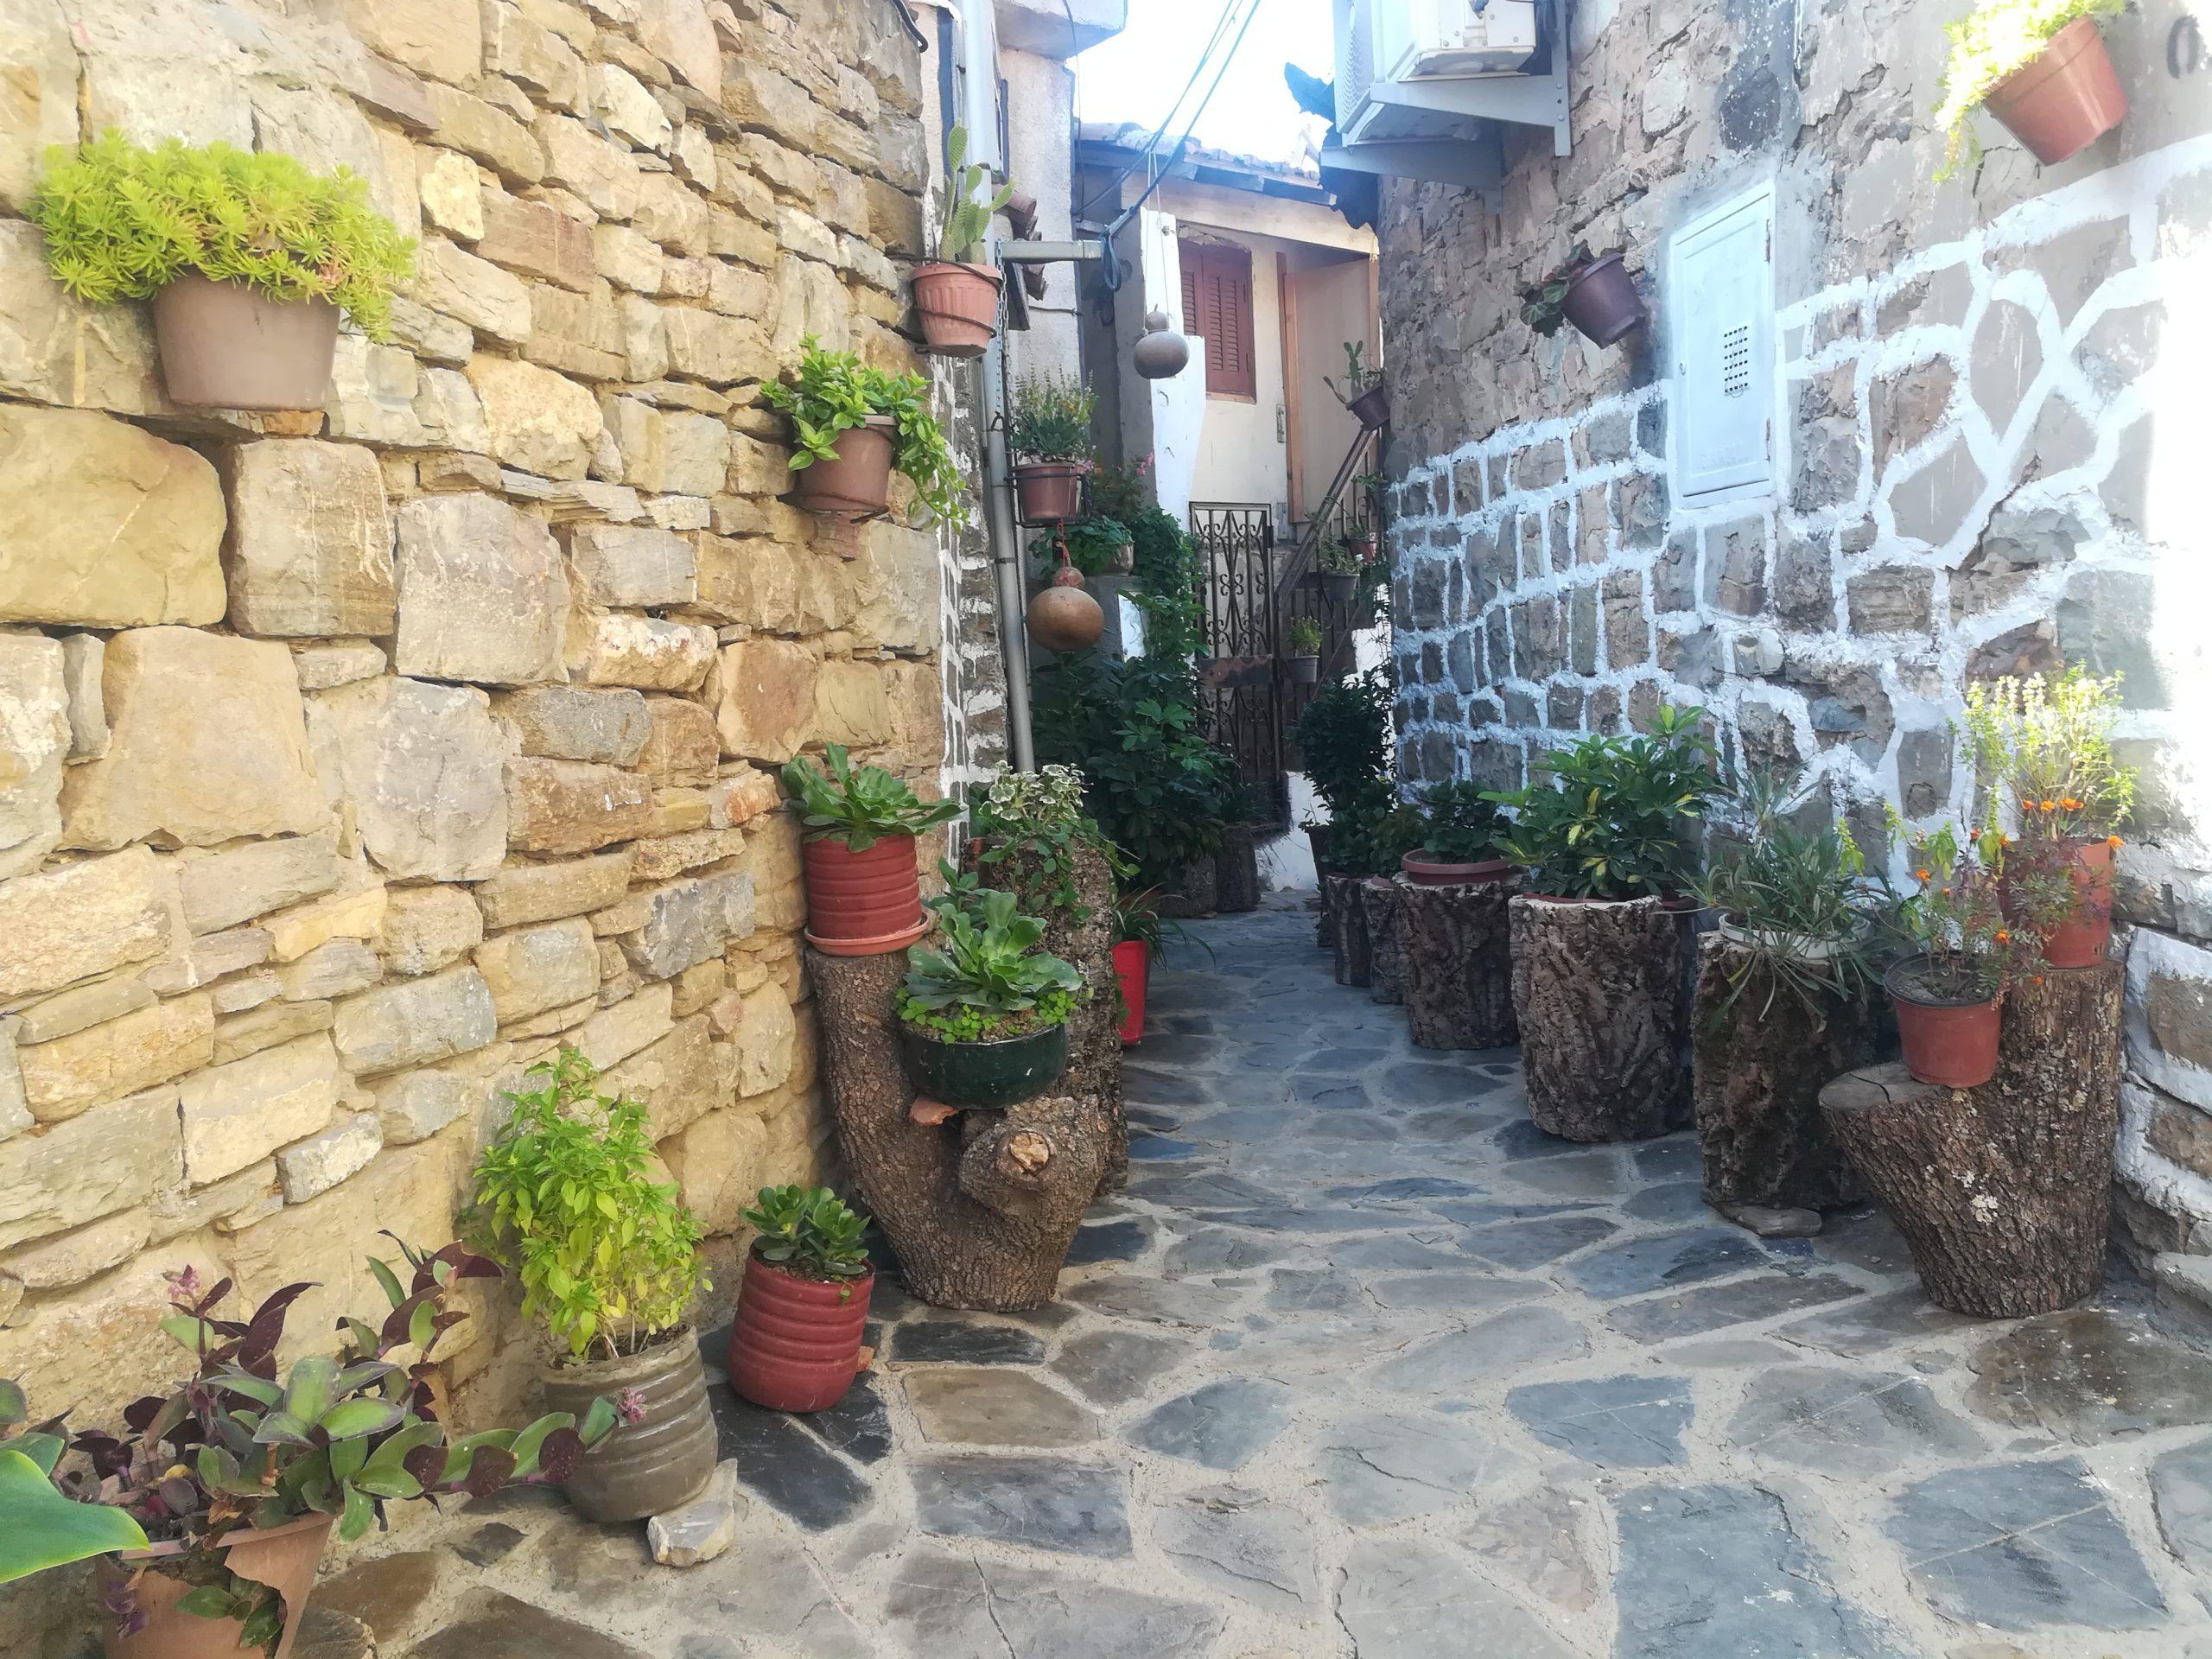 Les ruelles du village Aguemoune Nath Amar.